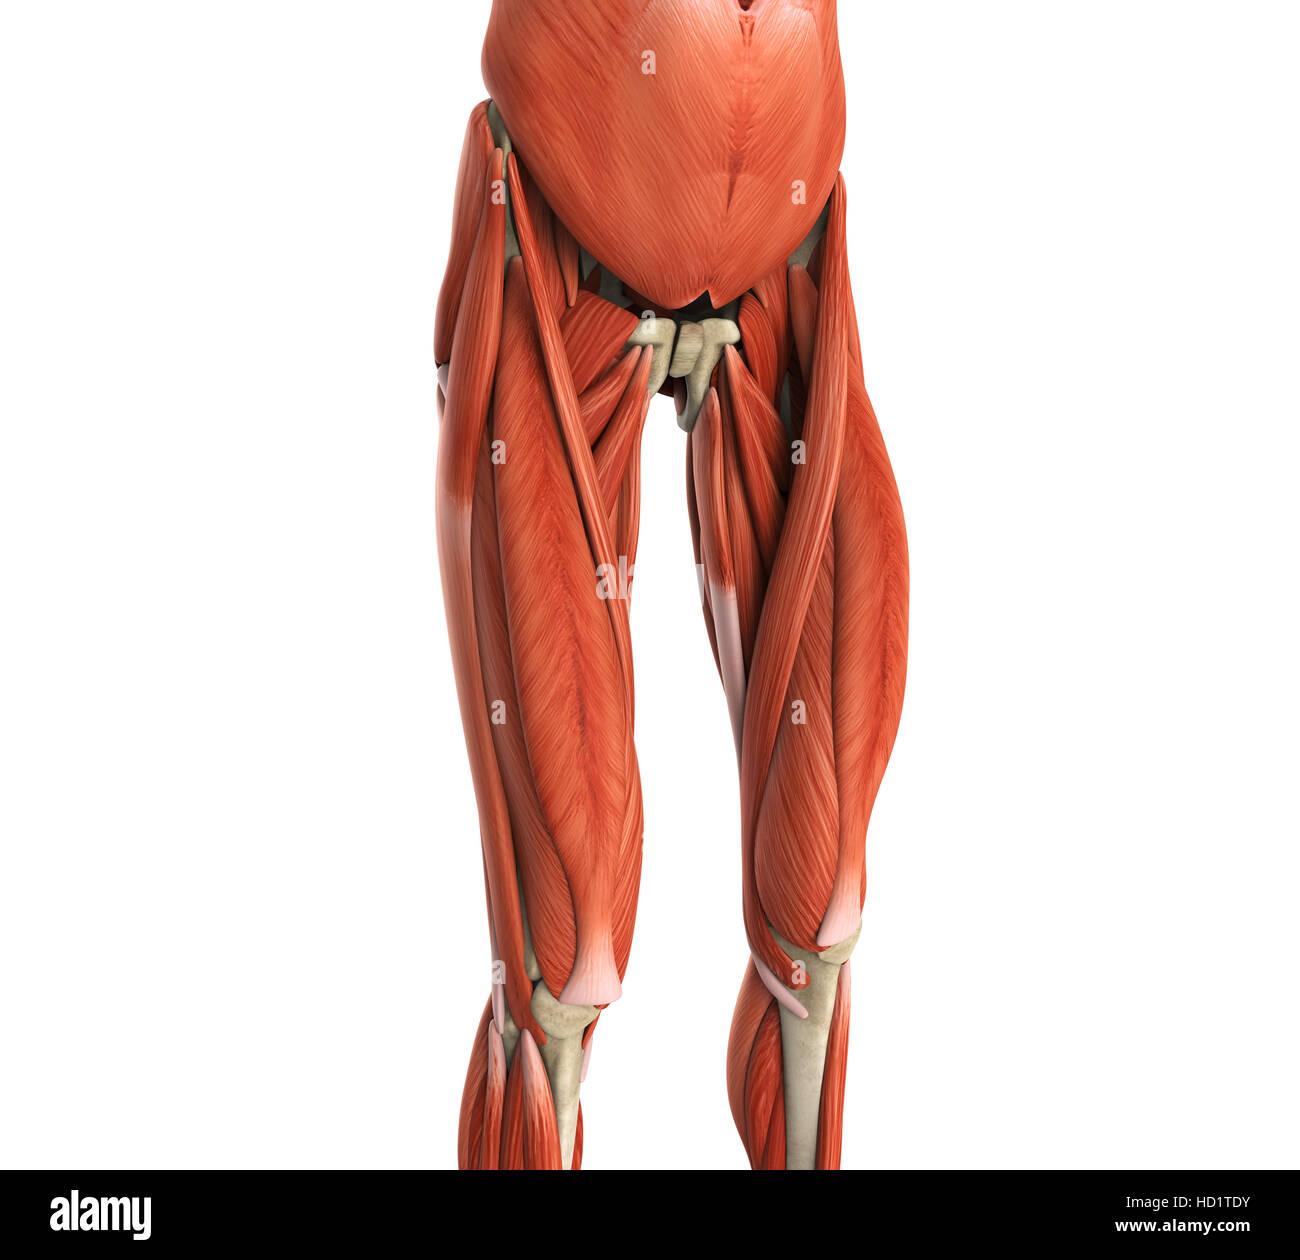 Oberschenkel Muskeln Anatomie Stockfoto, Bild: 128504263 - Alamy